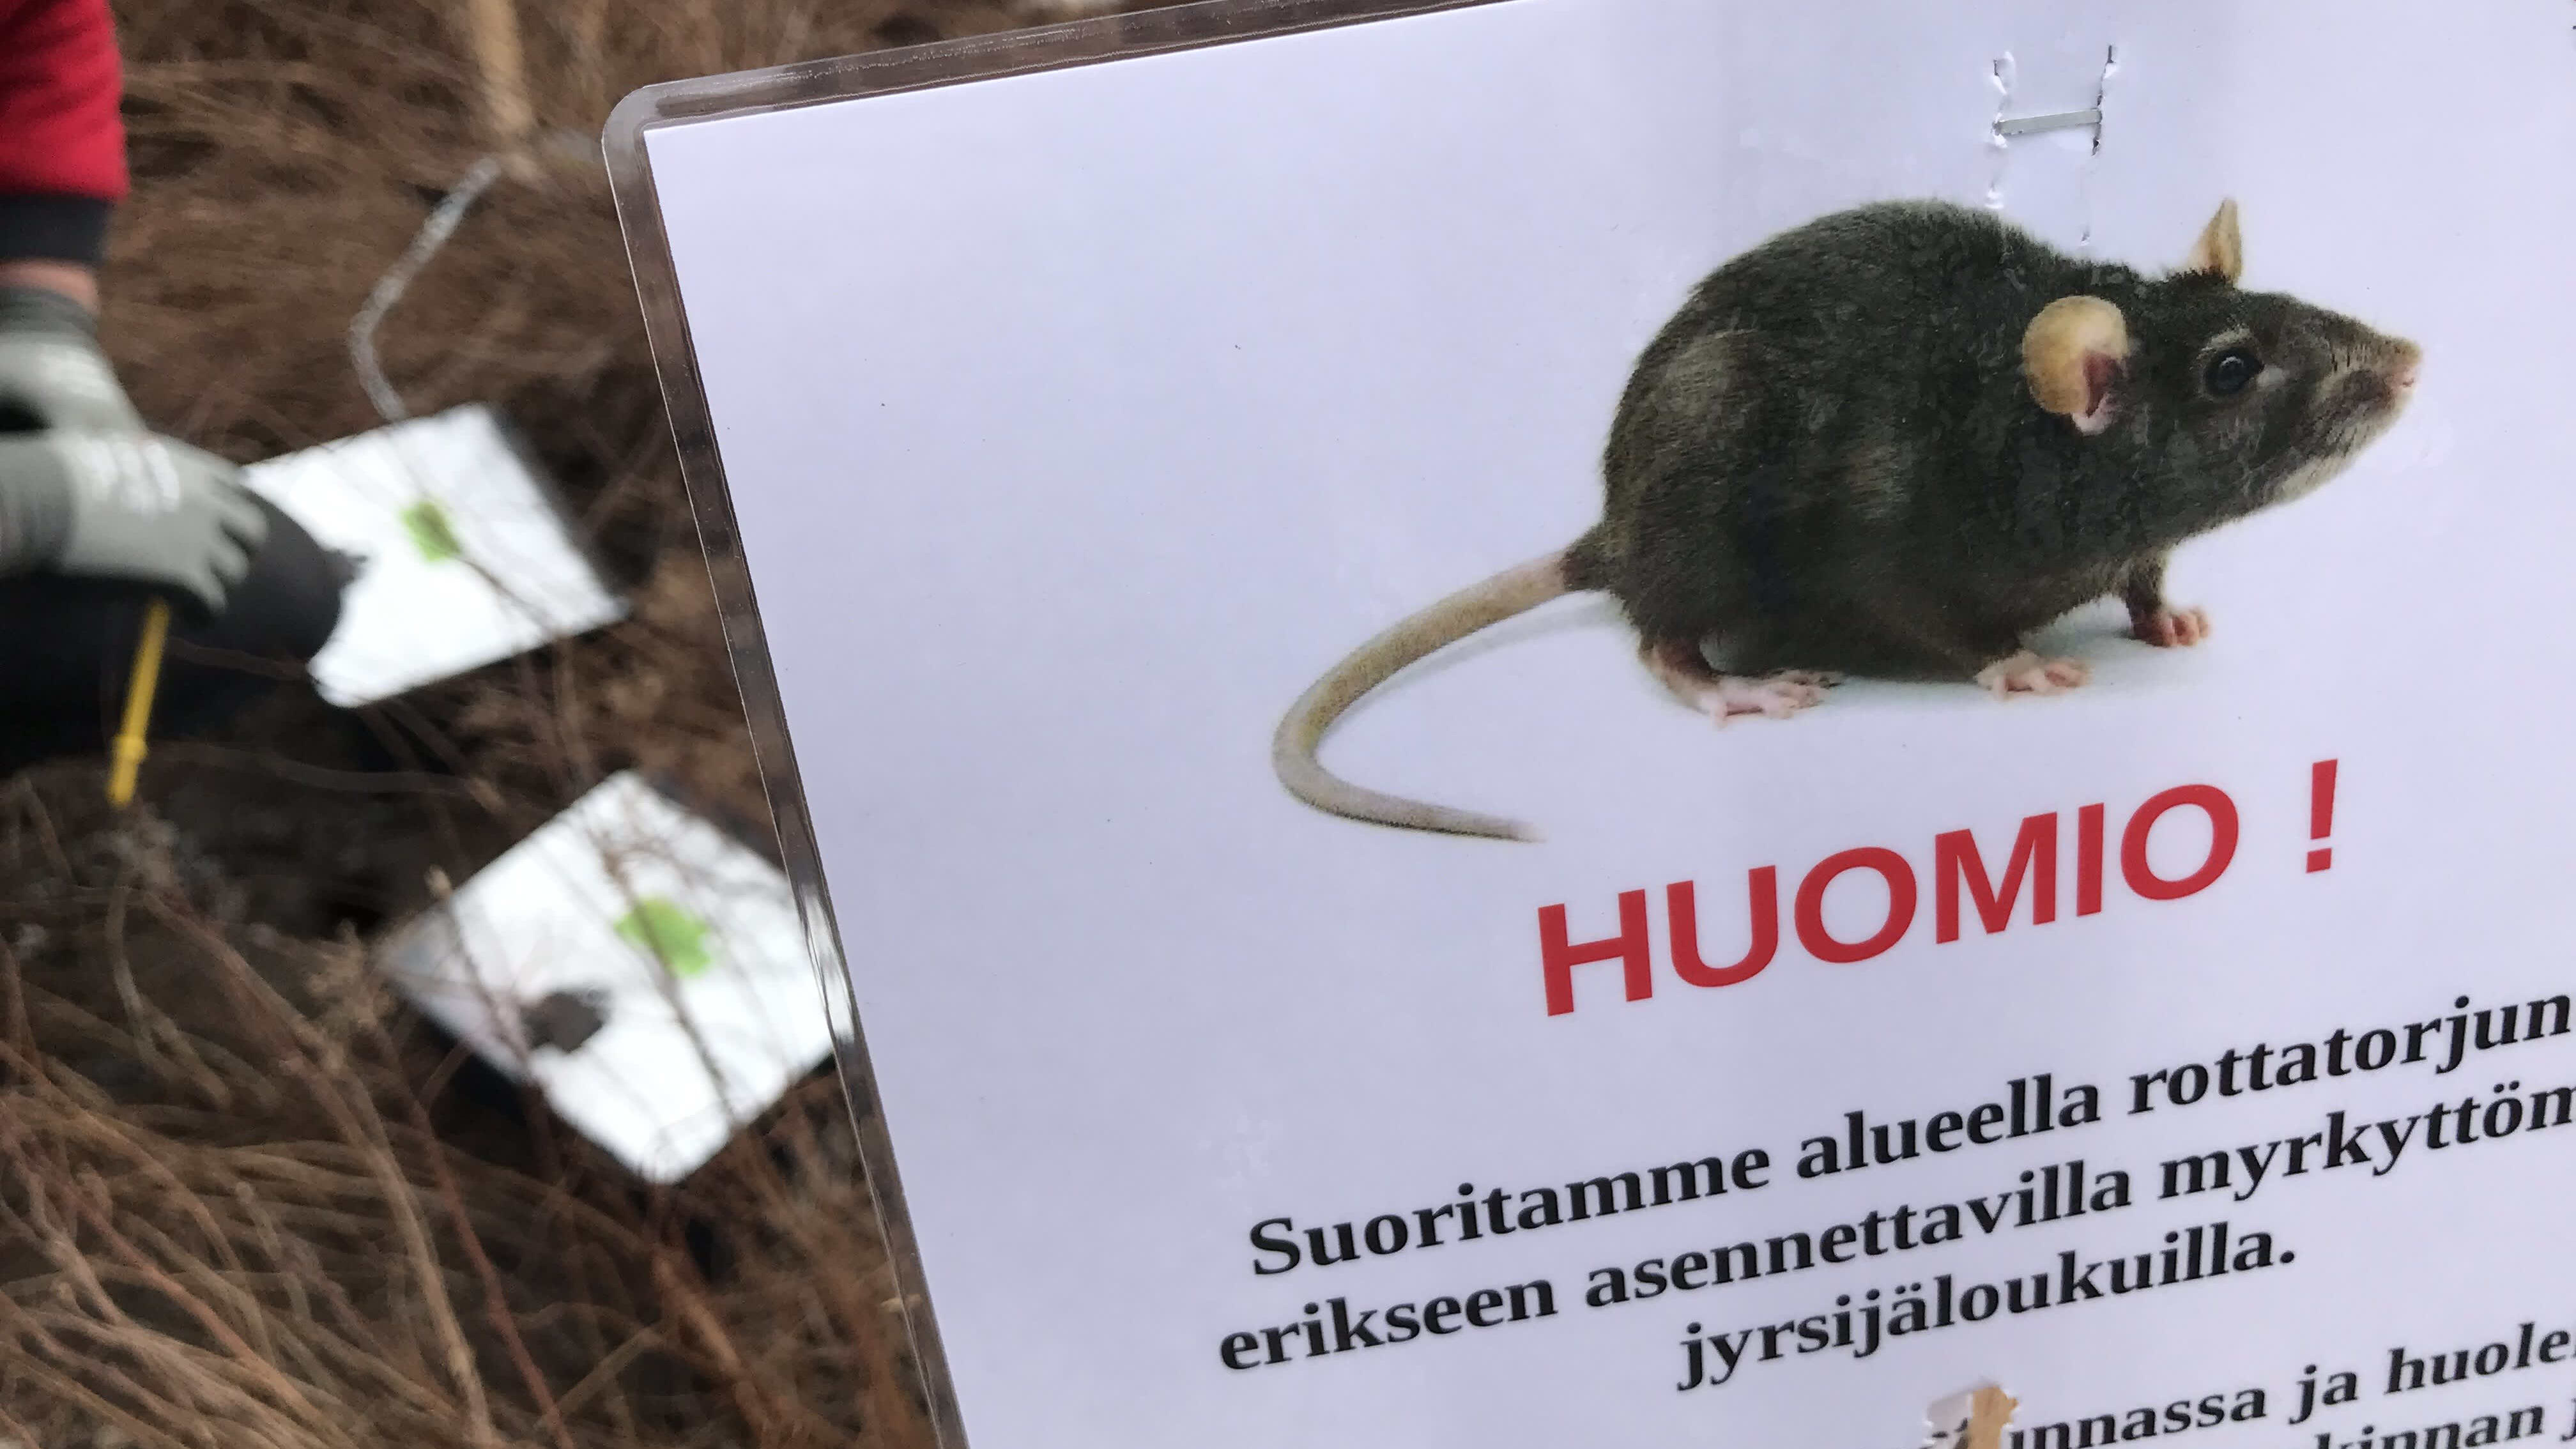 Varoituskyltti, jossa kerrotaan rottatorjunnasta